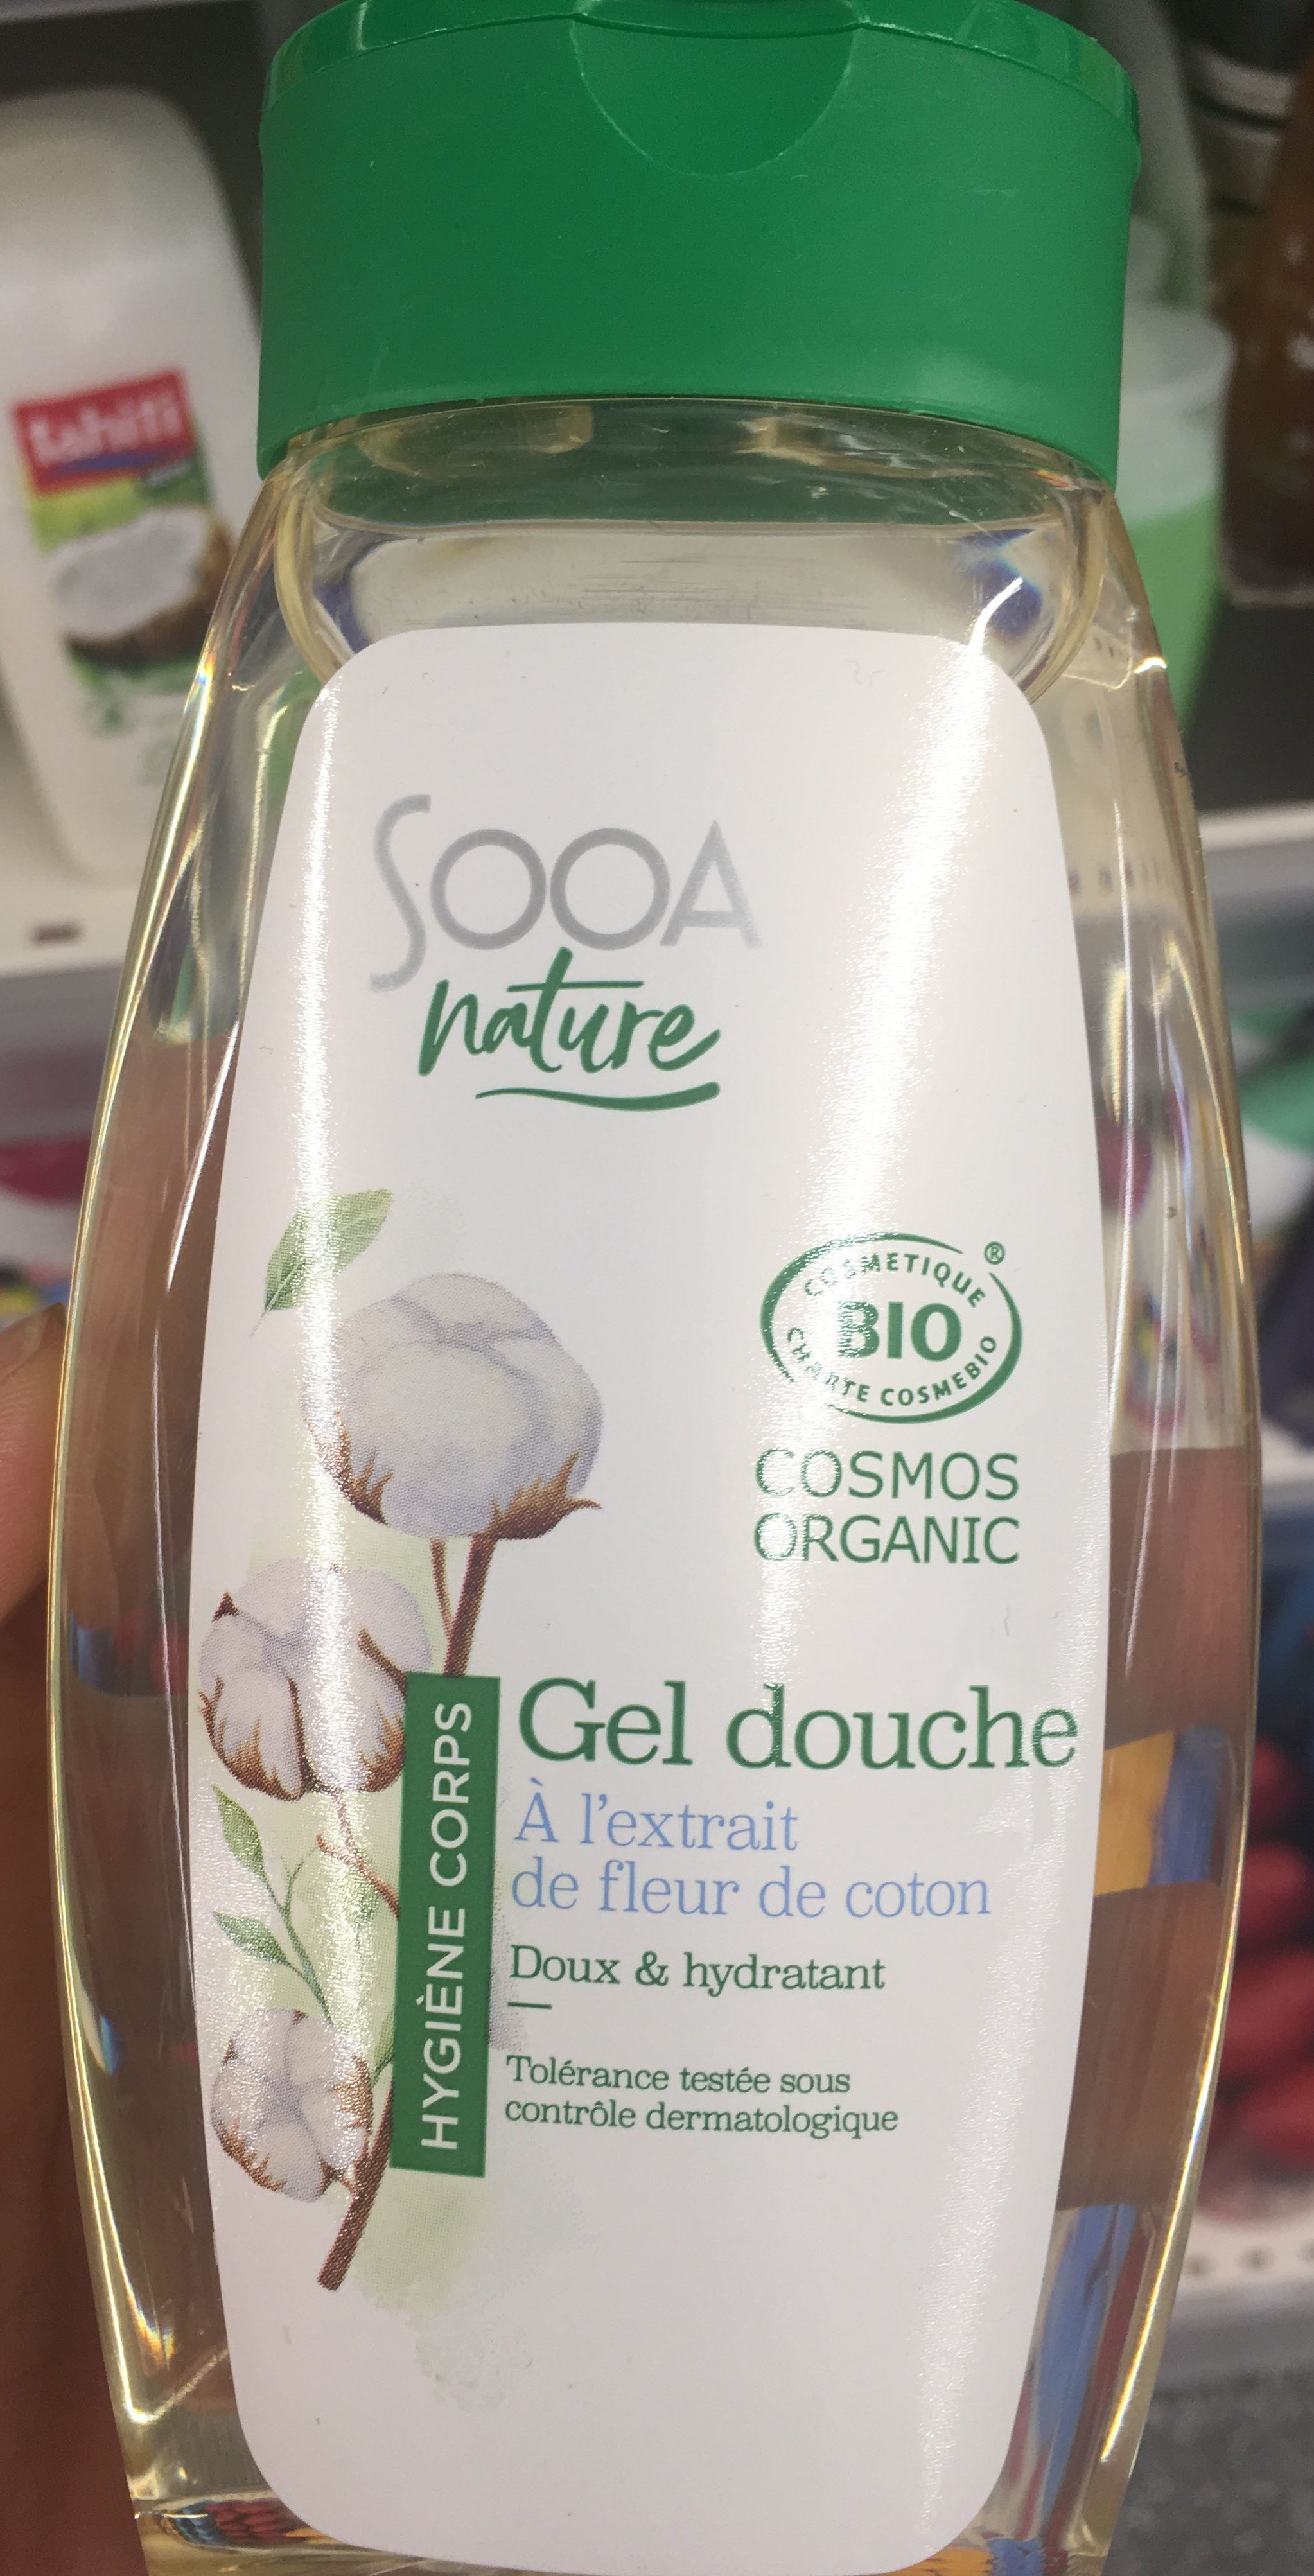 Gel douche à l'extrait de fleur de coton - Produit